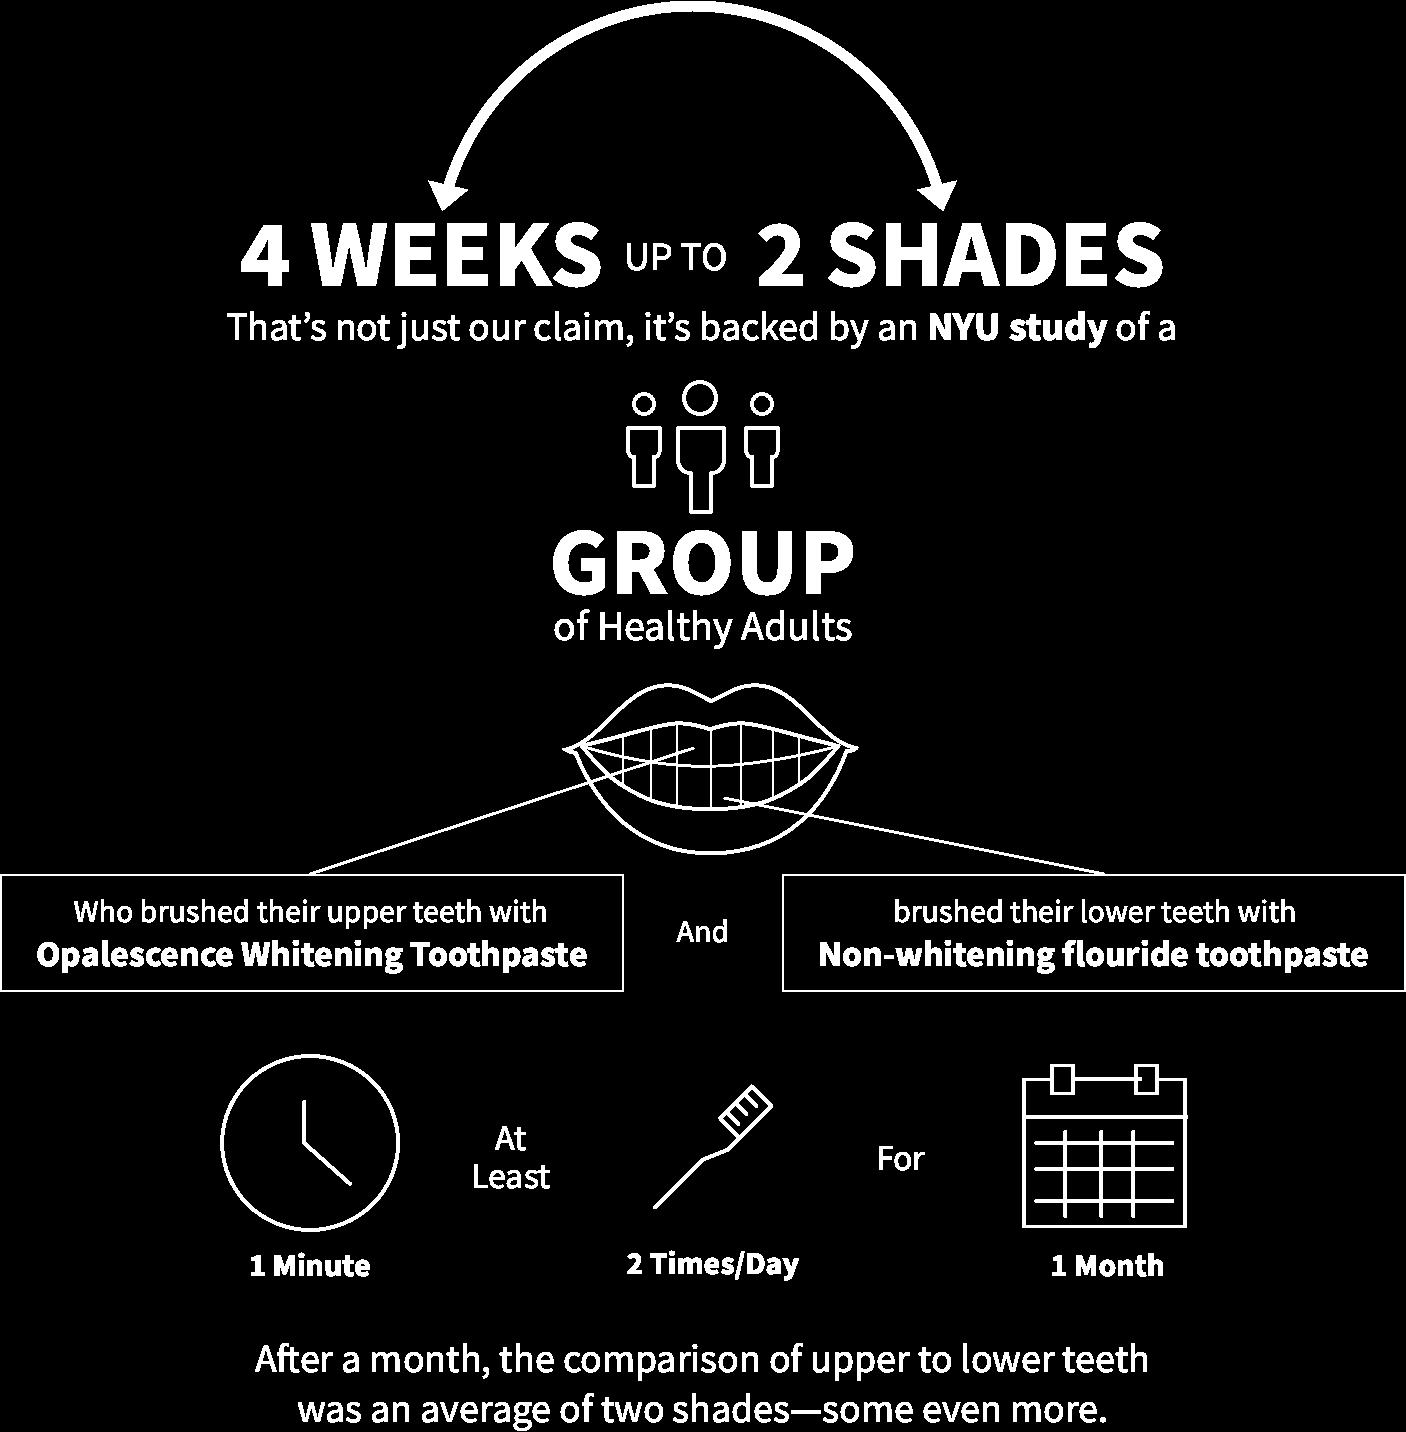 NYU Study Infographic